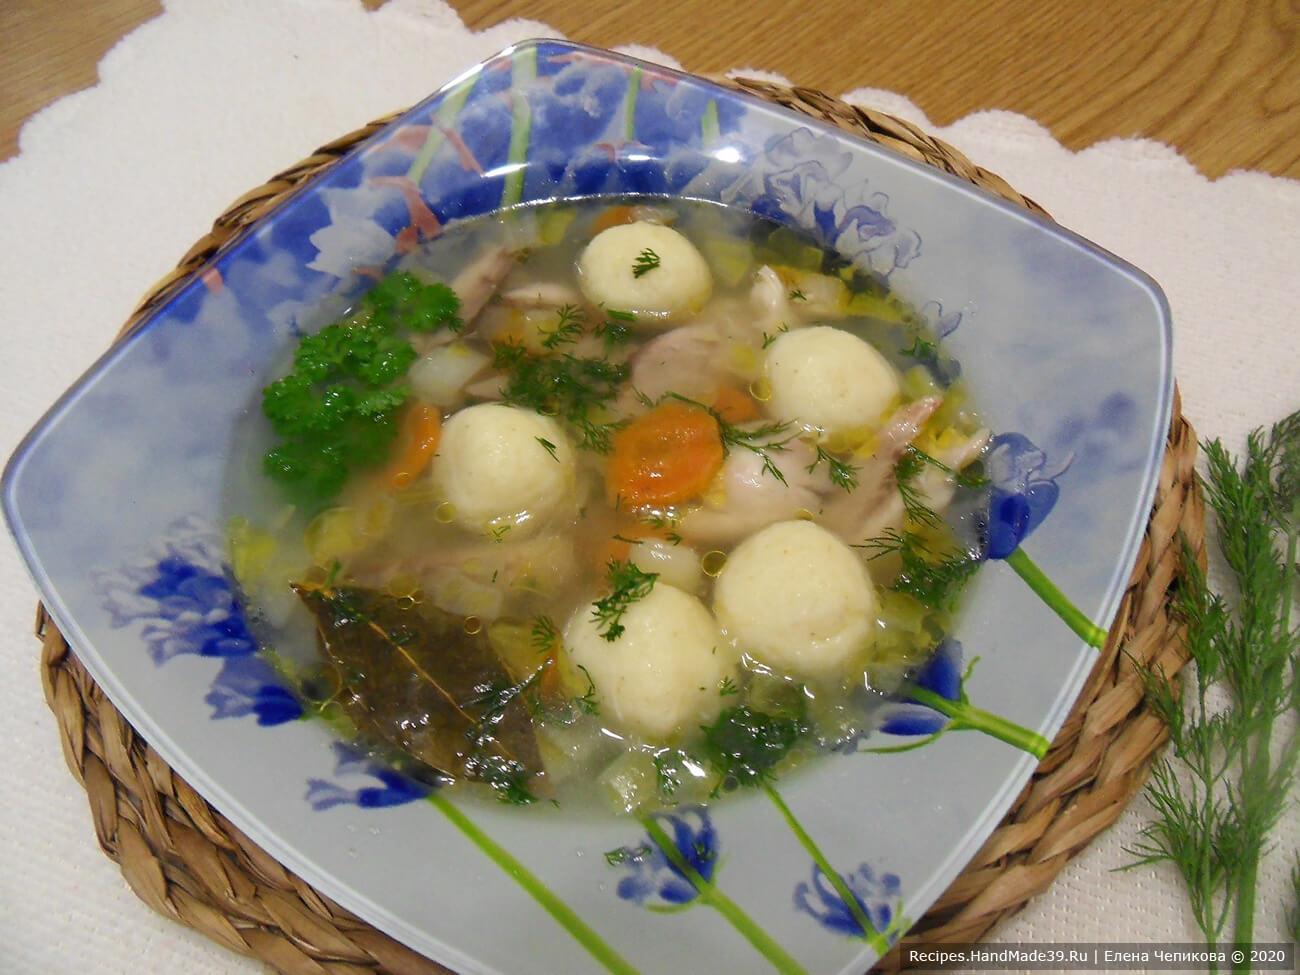 В каждую тарелку выложить варёное куриное мясо, залить бульоном с овощами и клёцками. добавить мелко нарезанную зелень. Приятного аппетита!